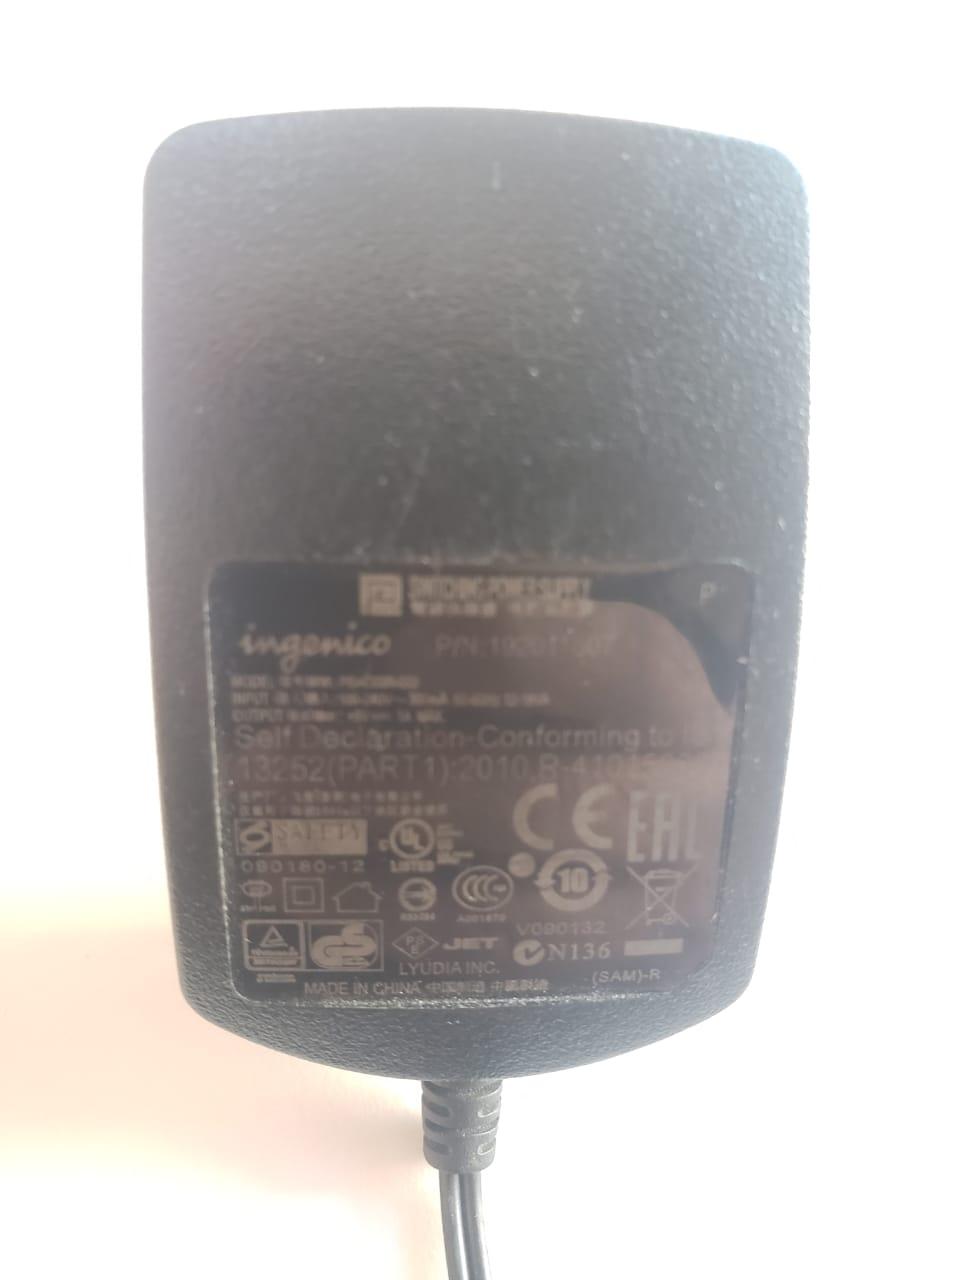 Carregador Cielo Compatível a Celulares Tablet 1200Mah , Fio Extra grande 1,8 Mt Micro Usb